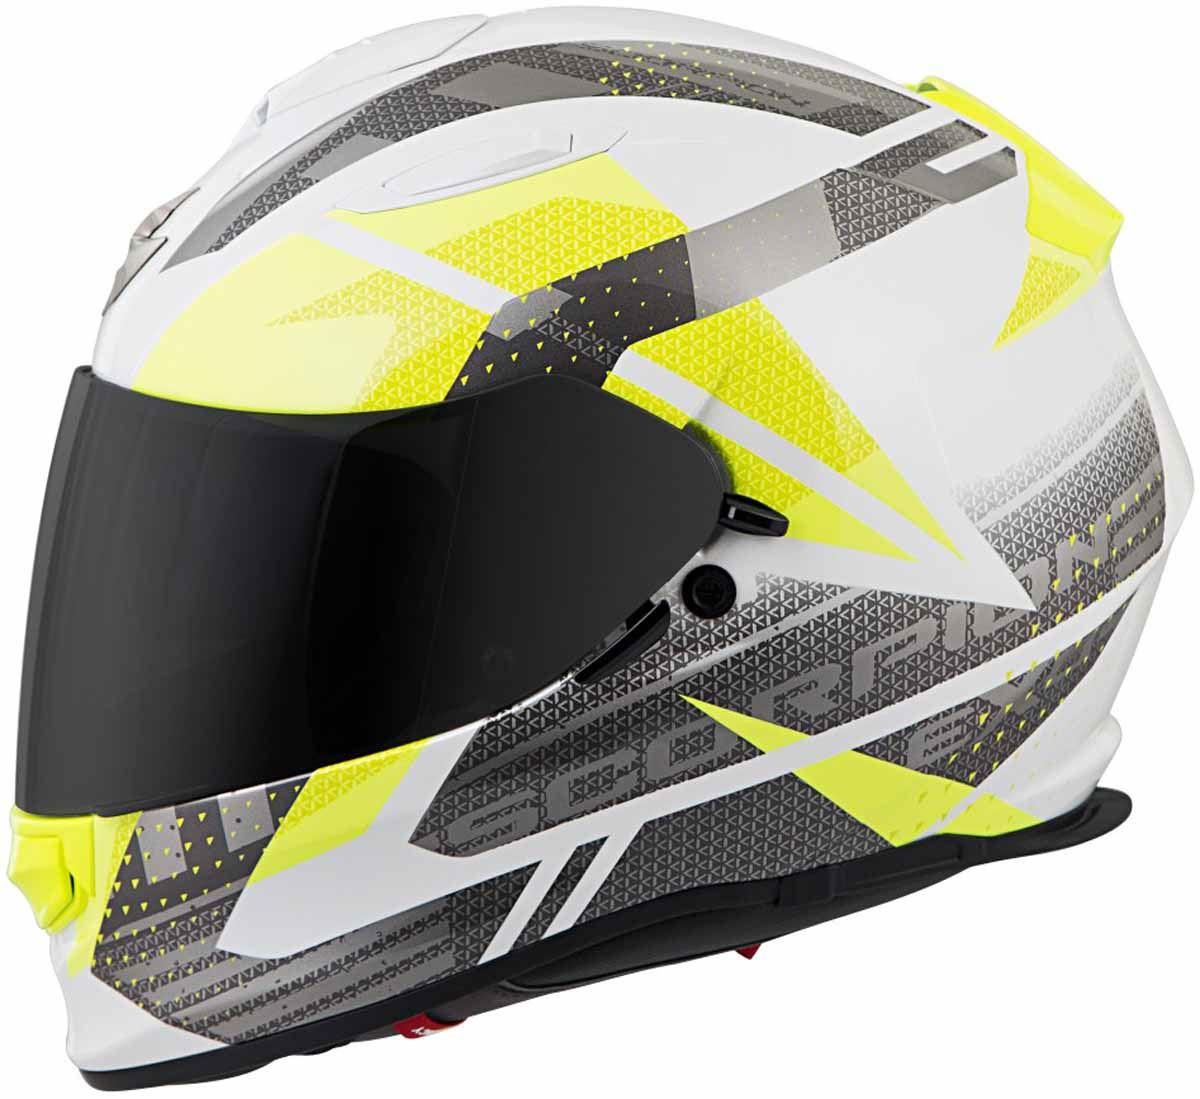 Scorpion-EXO-T510-Helmet-Full-Face-DOT-Approved-Inner-Sun-Shield miniature 77